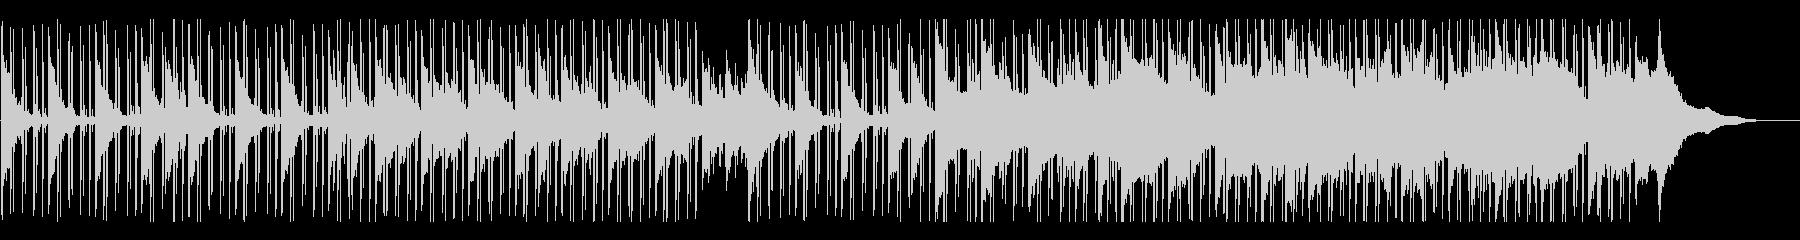 ピアノがオシャレなLo-Fiヒップホップの未再生の波形